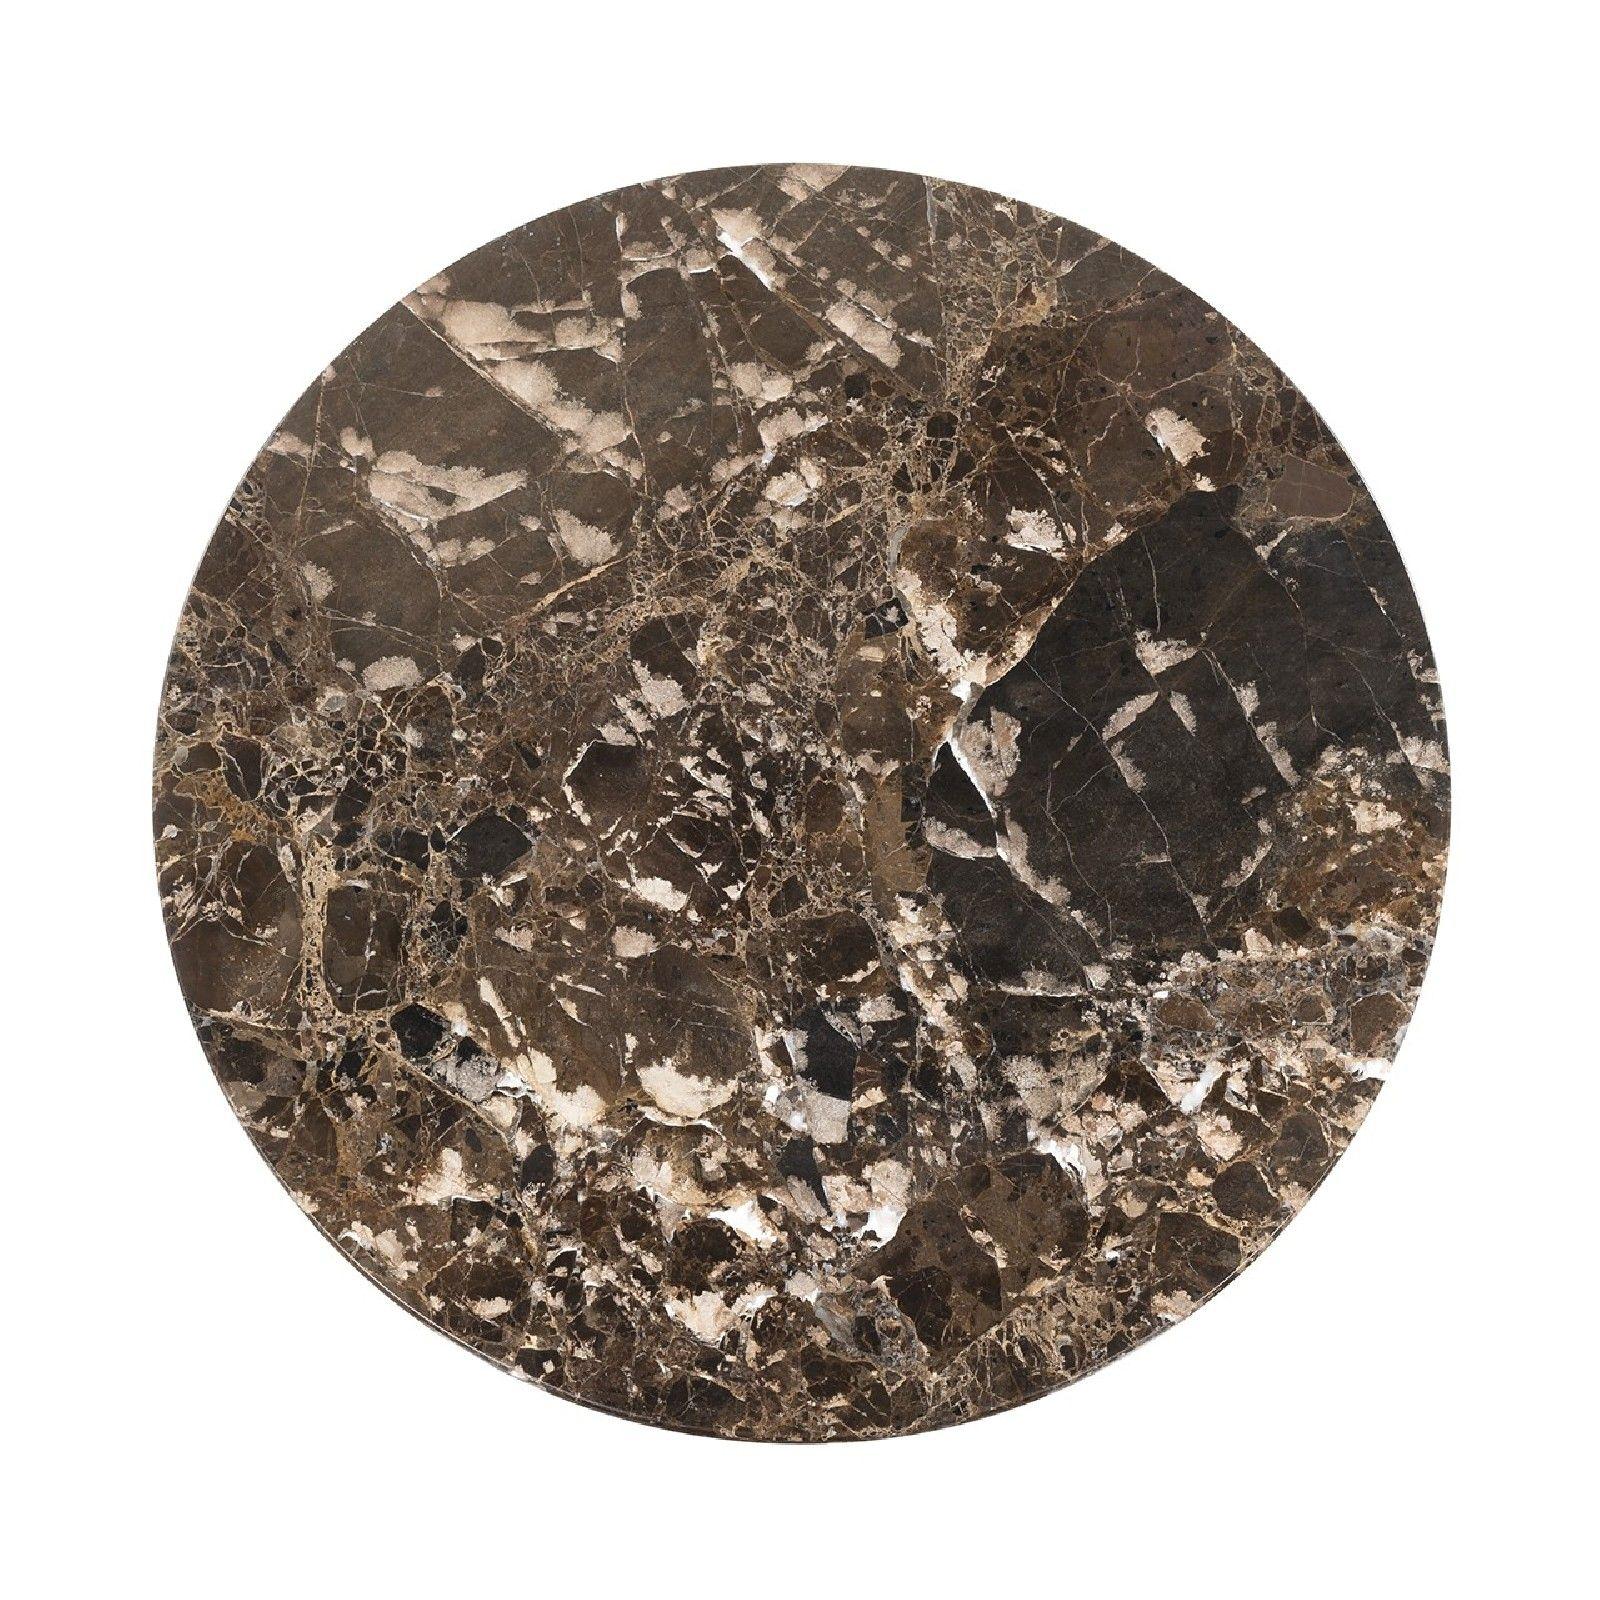 Table d'angle Orion 45Ø avec du marbre brun Meuble Déco Tendance - 393